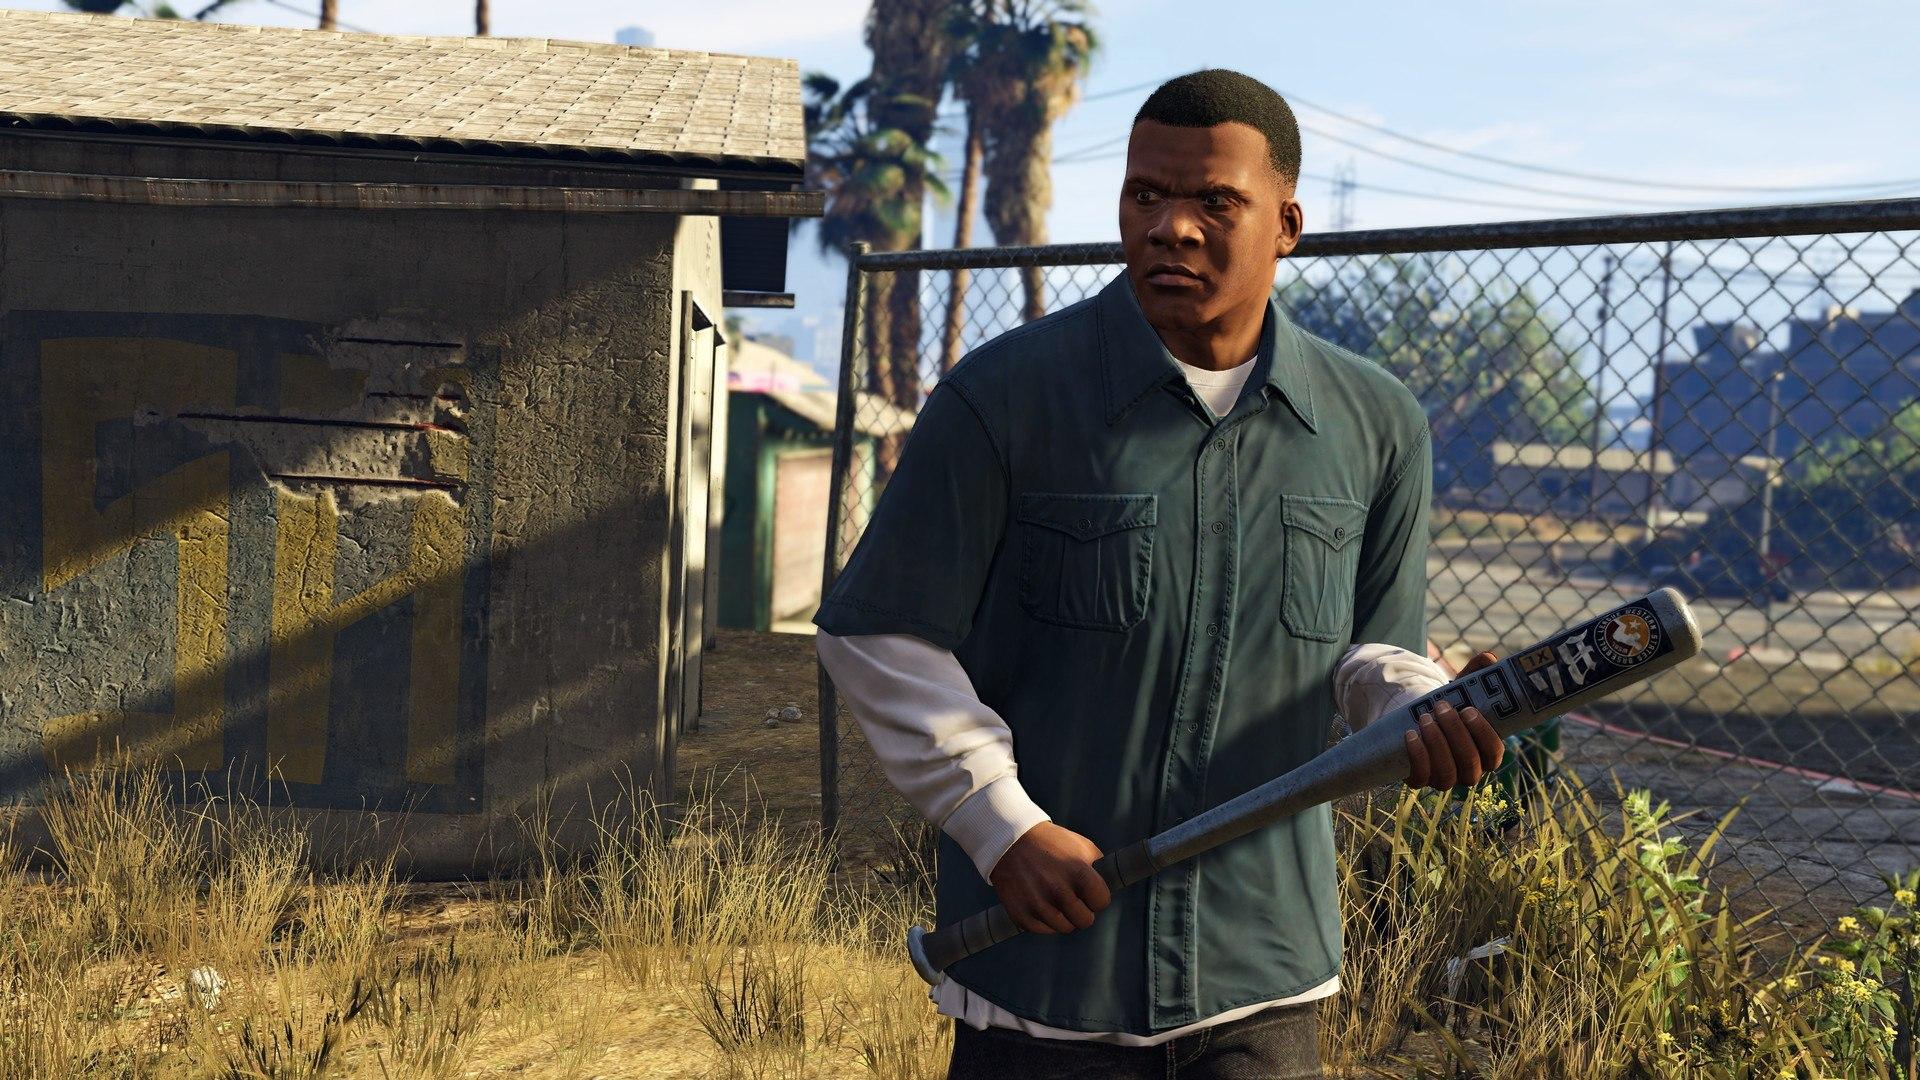 Grand Theft Auto V image #5